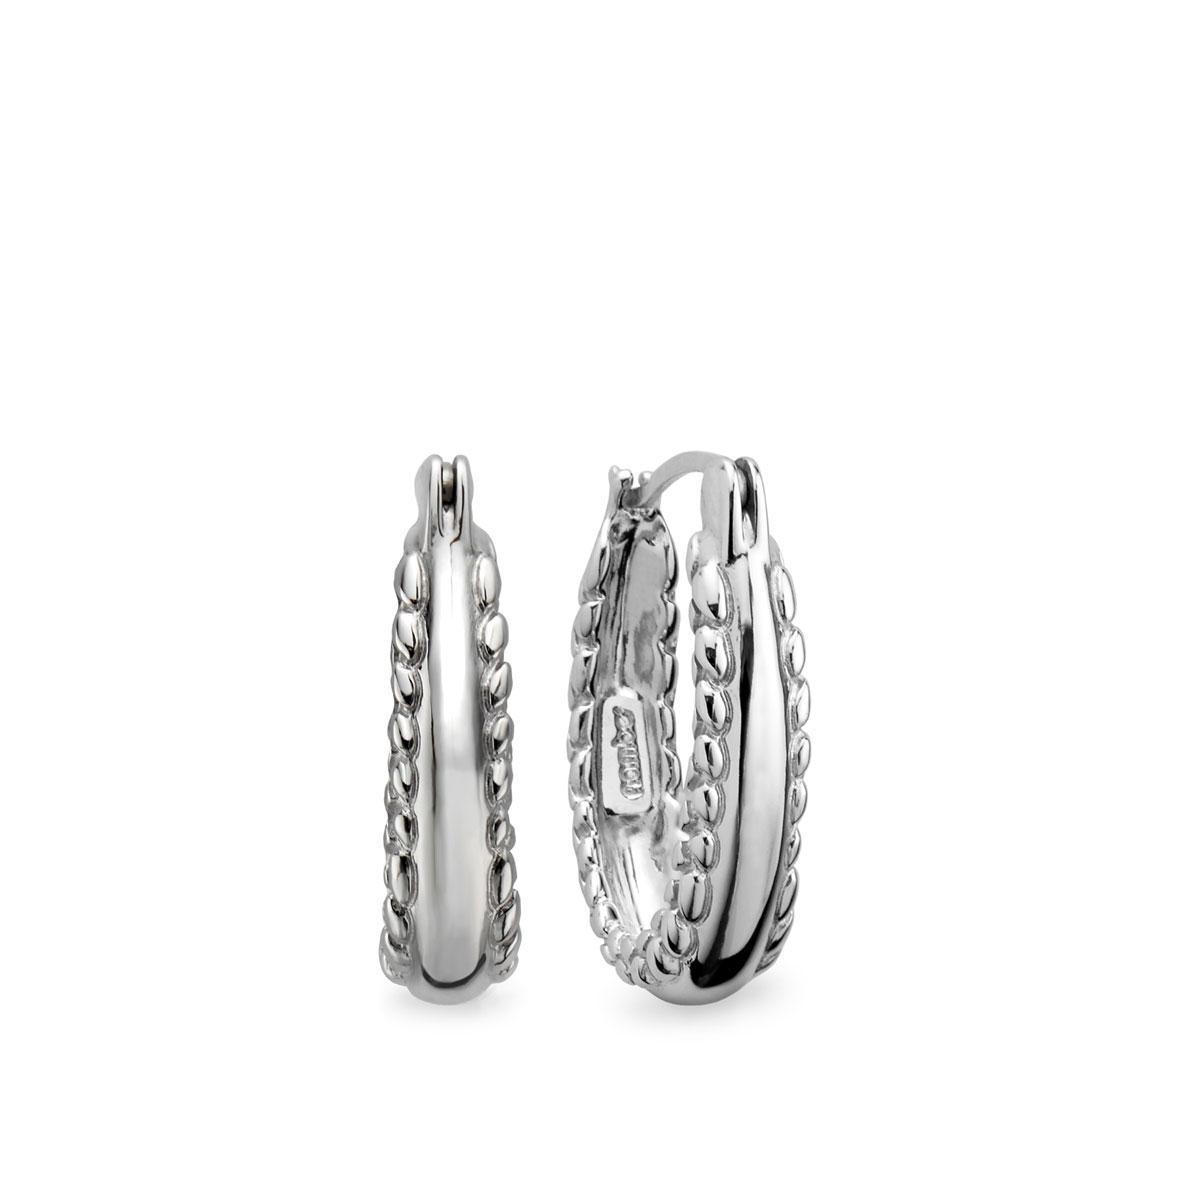 Nambe Jewelry Silver Braid Hoop Earrings, Pair